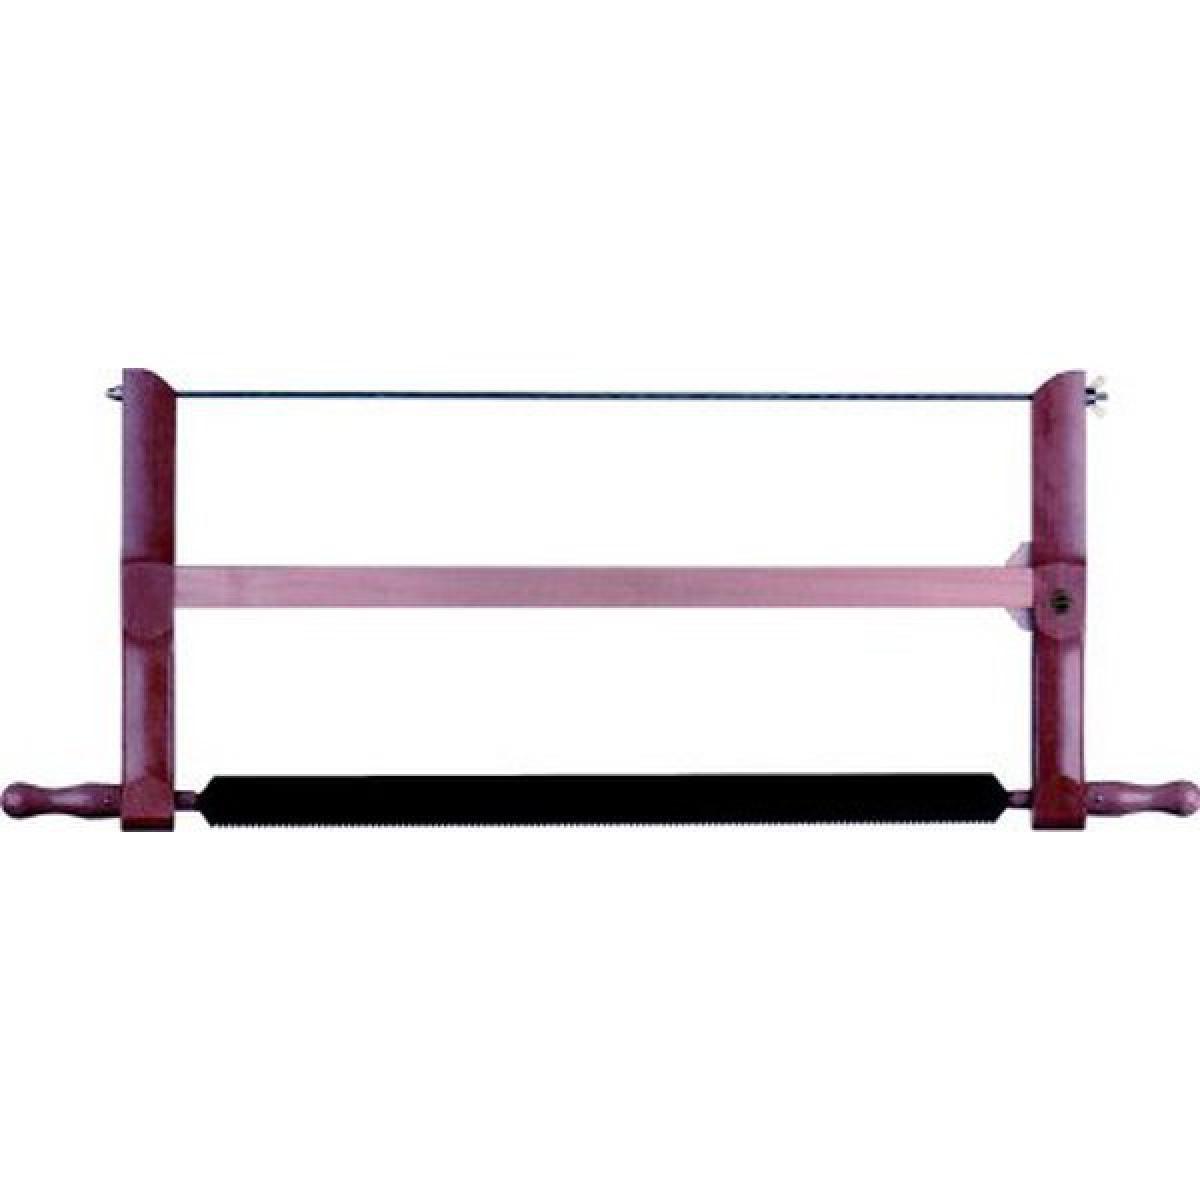 Ece Lame de scie de rechange, pour scie à cadre, longueur de lame 600 mm, Épaisseur de lame 0,6 mm, Pas de dents : 2 mm